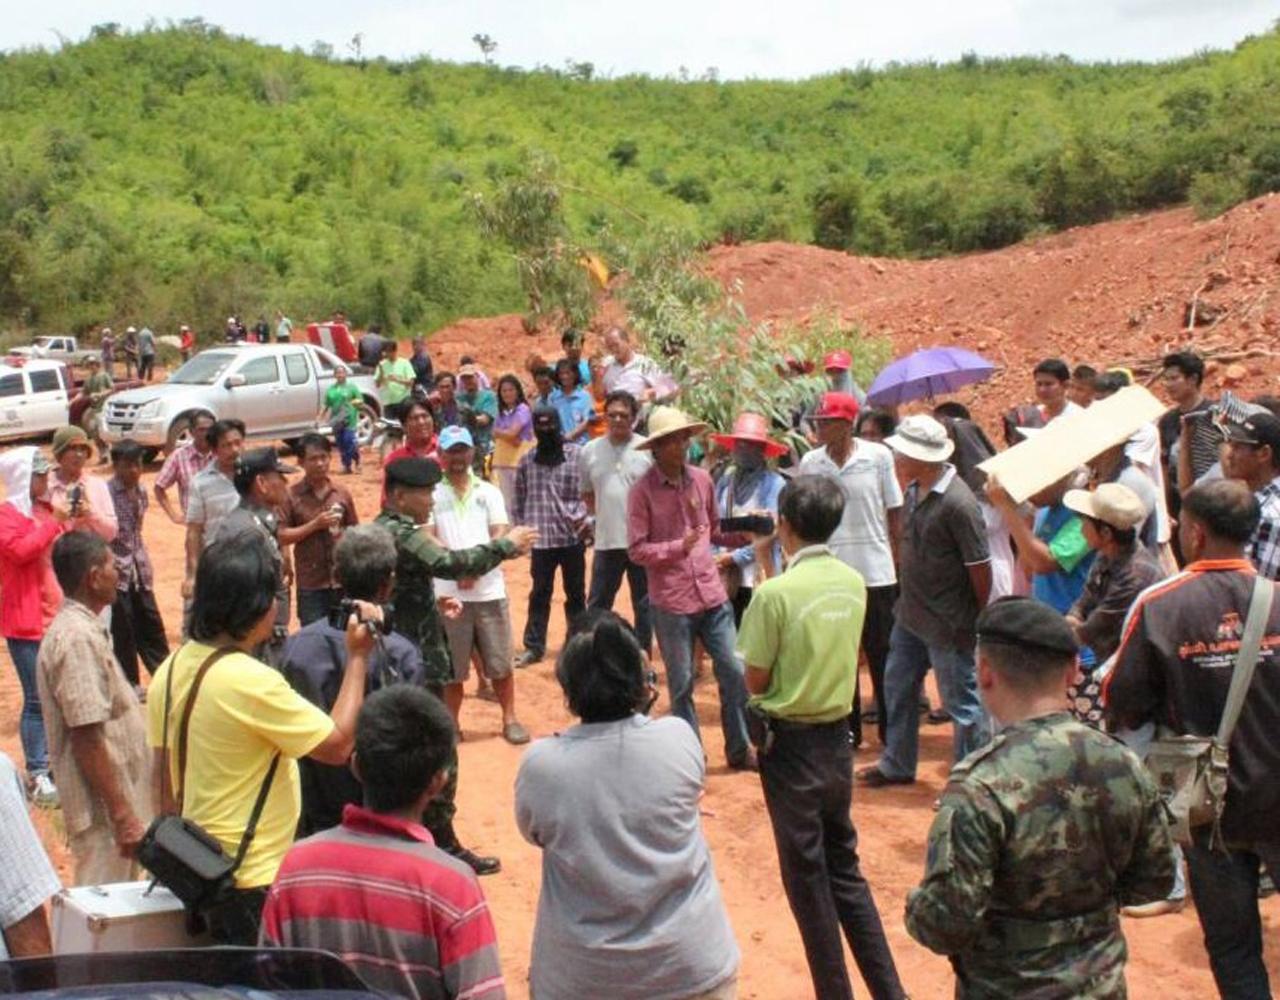 ตัวแทนชาวบ้านพา เจ้าหน้าที่ไปดูพื้นที่ฝังกลบขยะต้นเหตุของน้ำเสีย